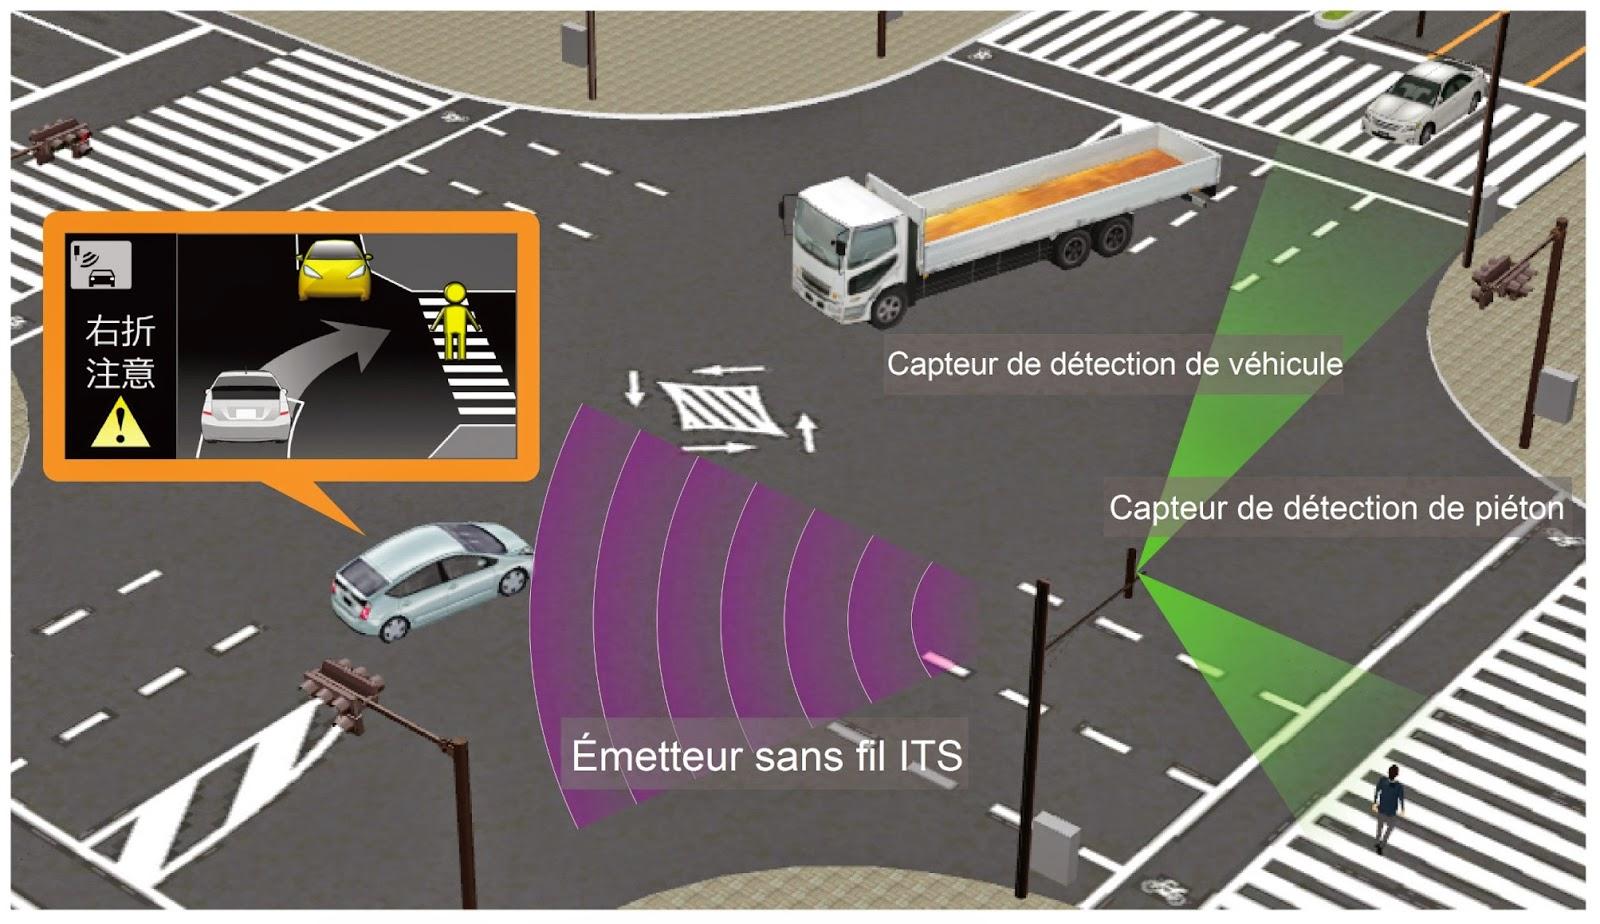 voiture communicante toyota va lancer des voitures communicantes sur la route partir de 2015. Black Bedroom Furniture Sets. Home Design Ideas